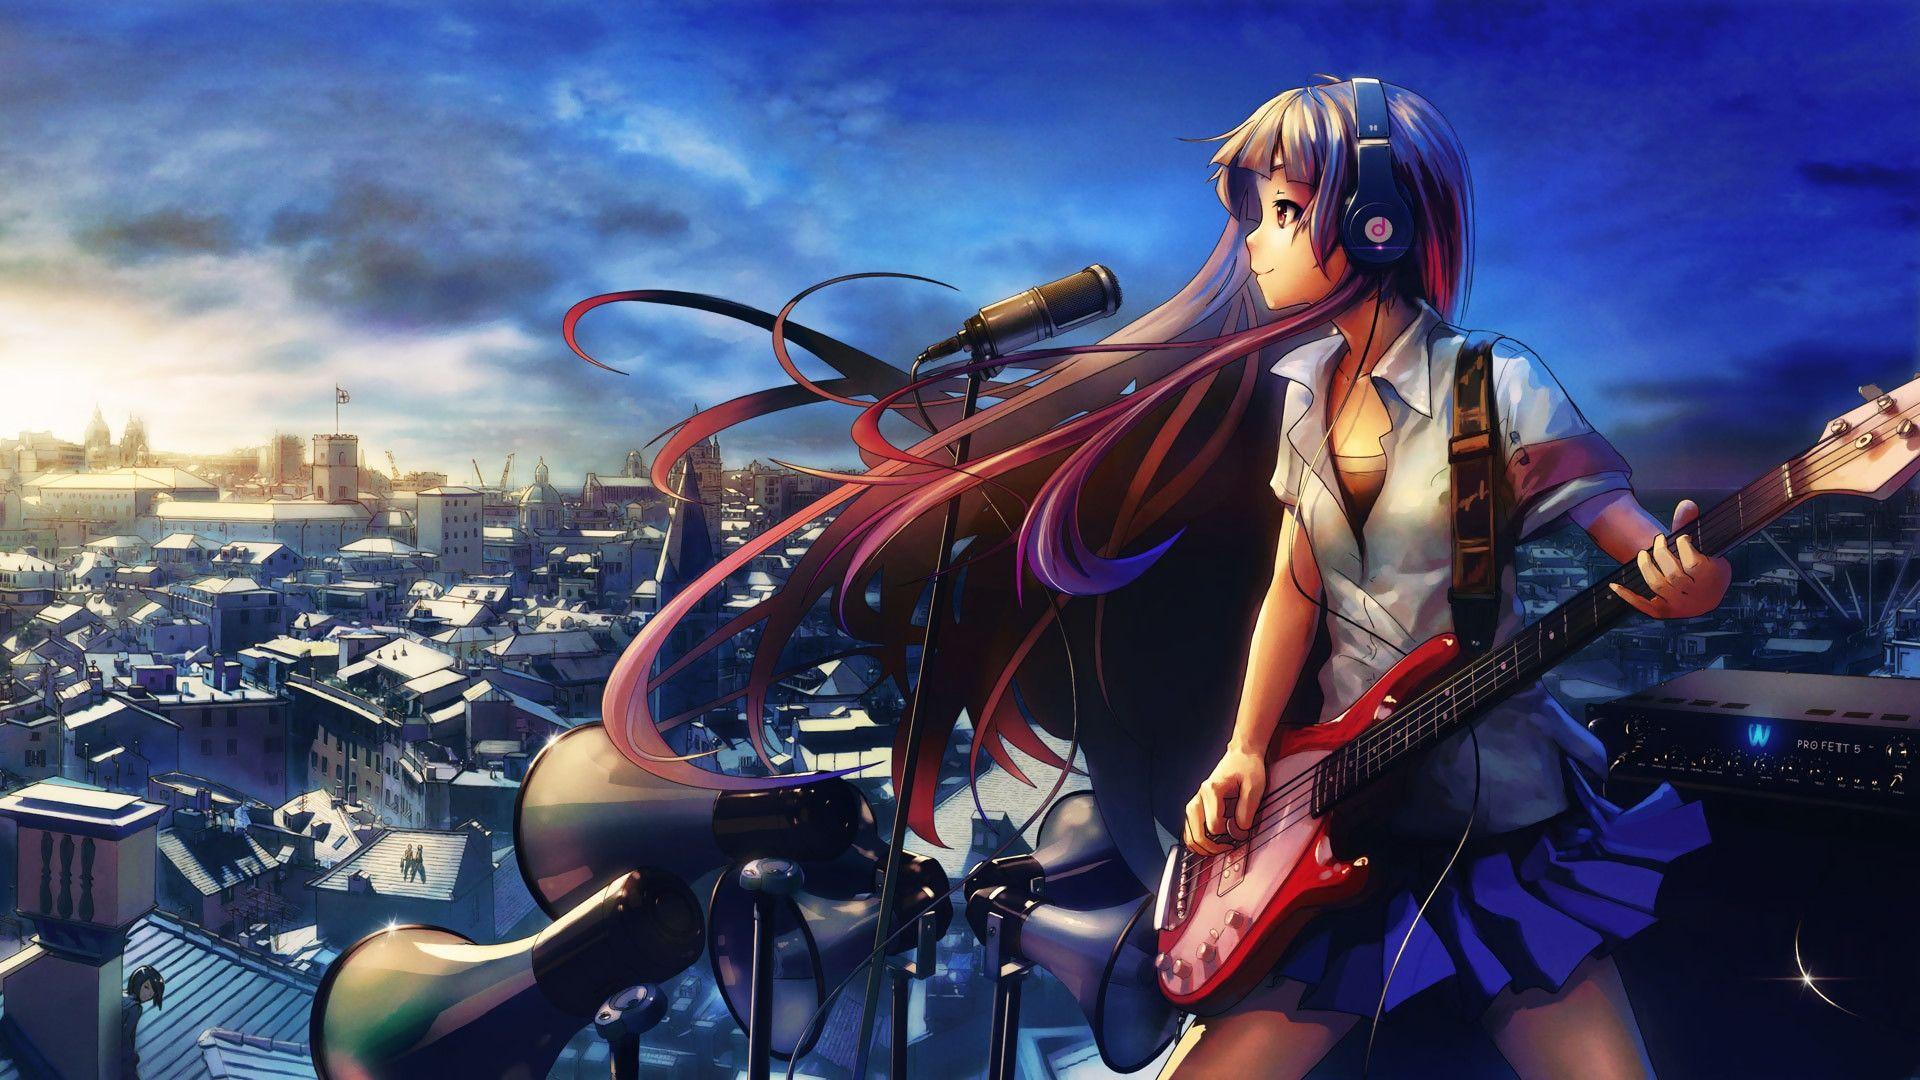 Download Wallpaper 1920x1080 Girl Guitar Microphone Headphones